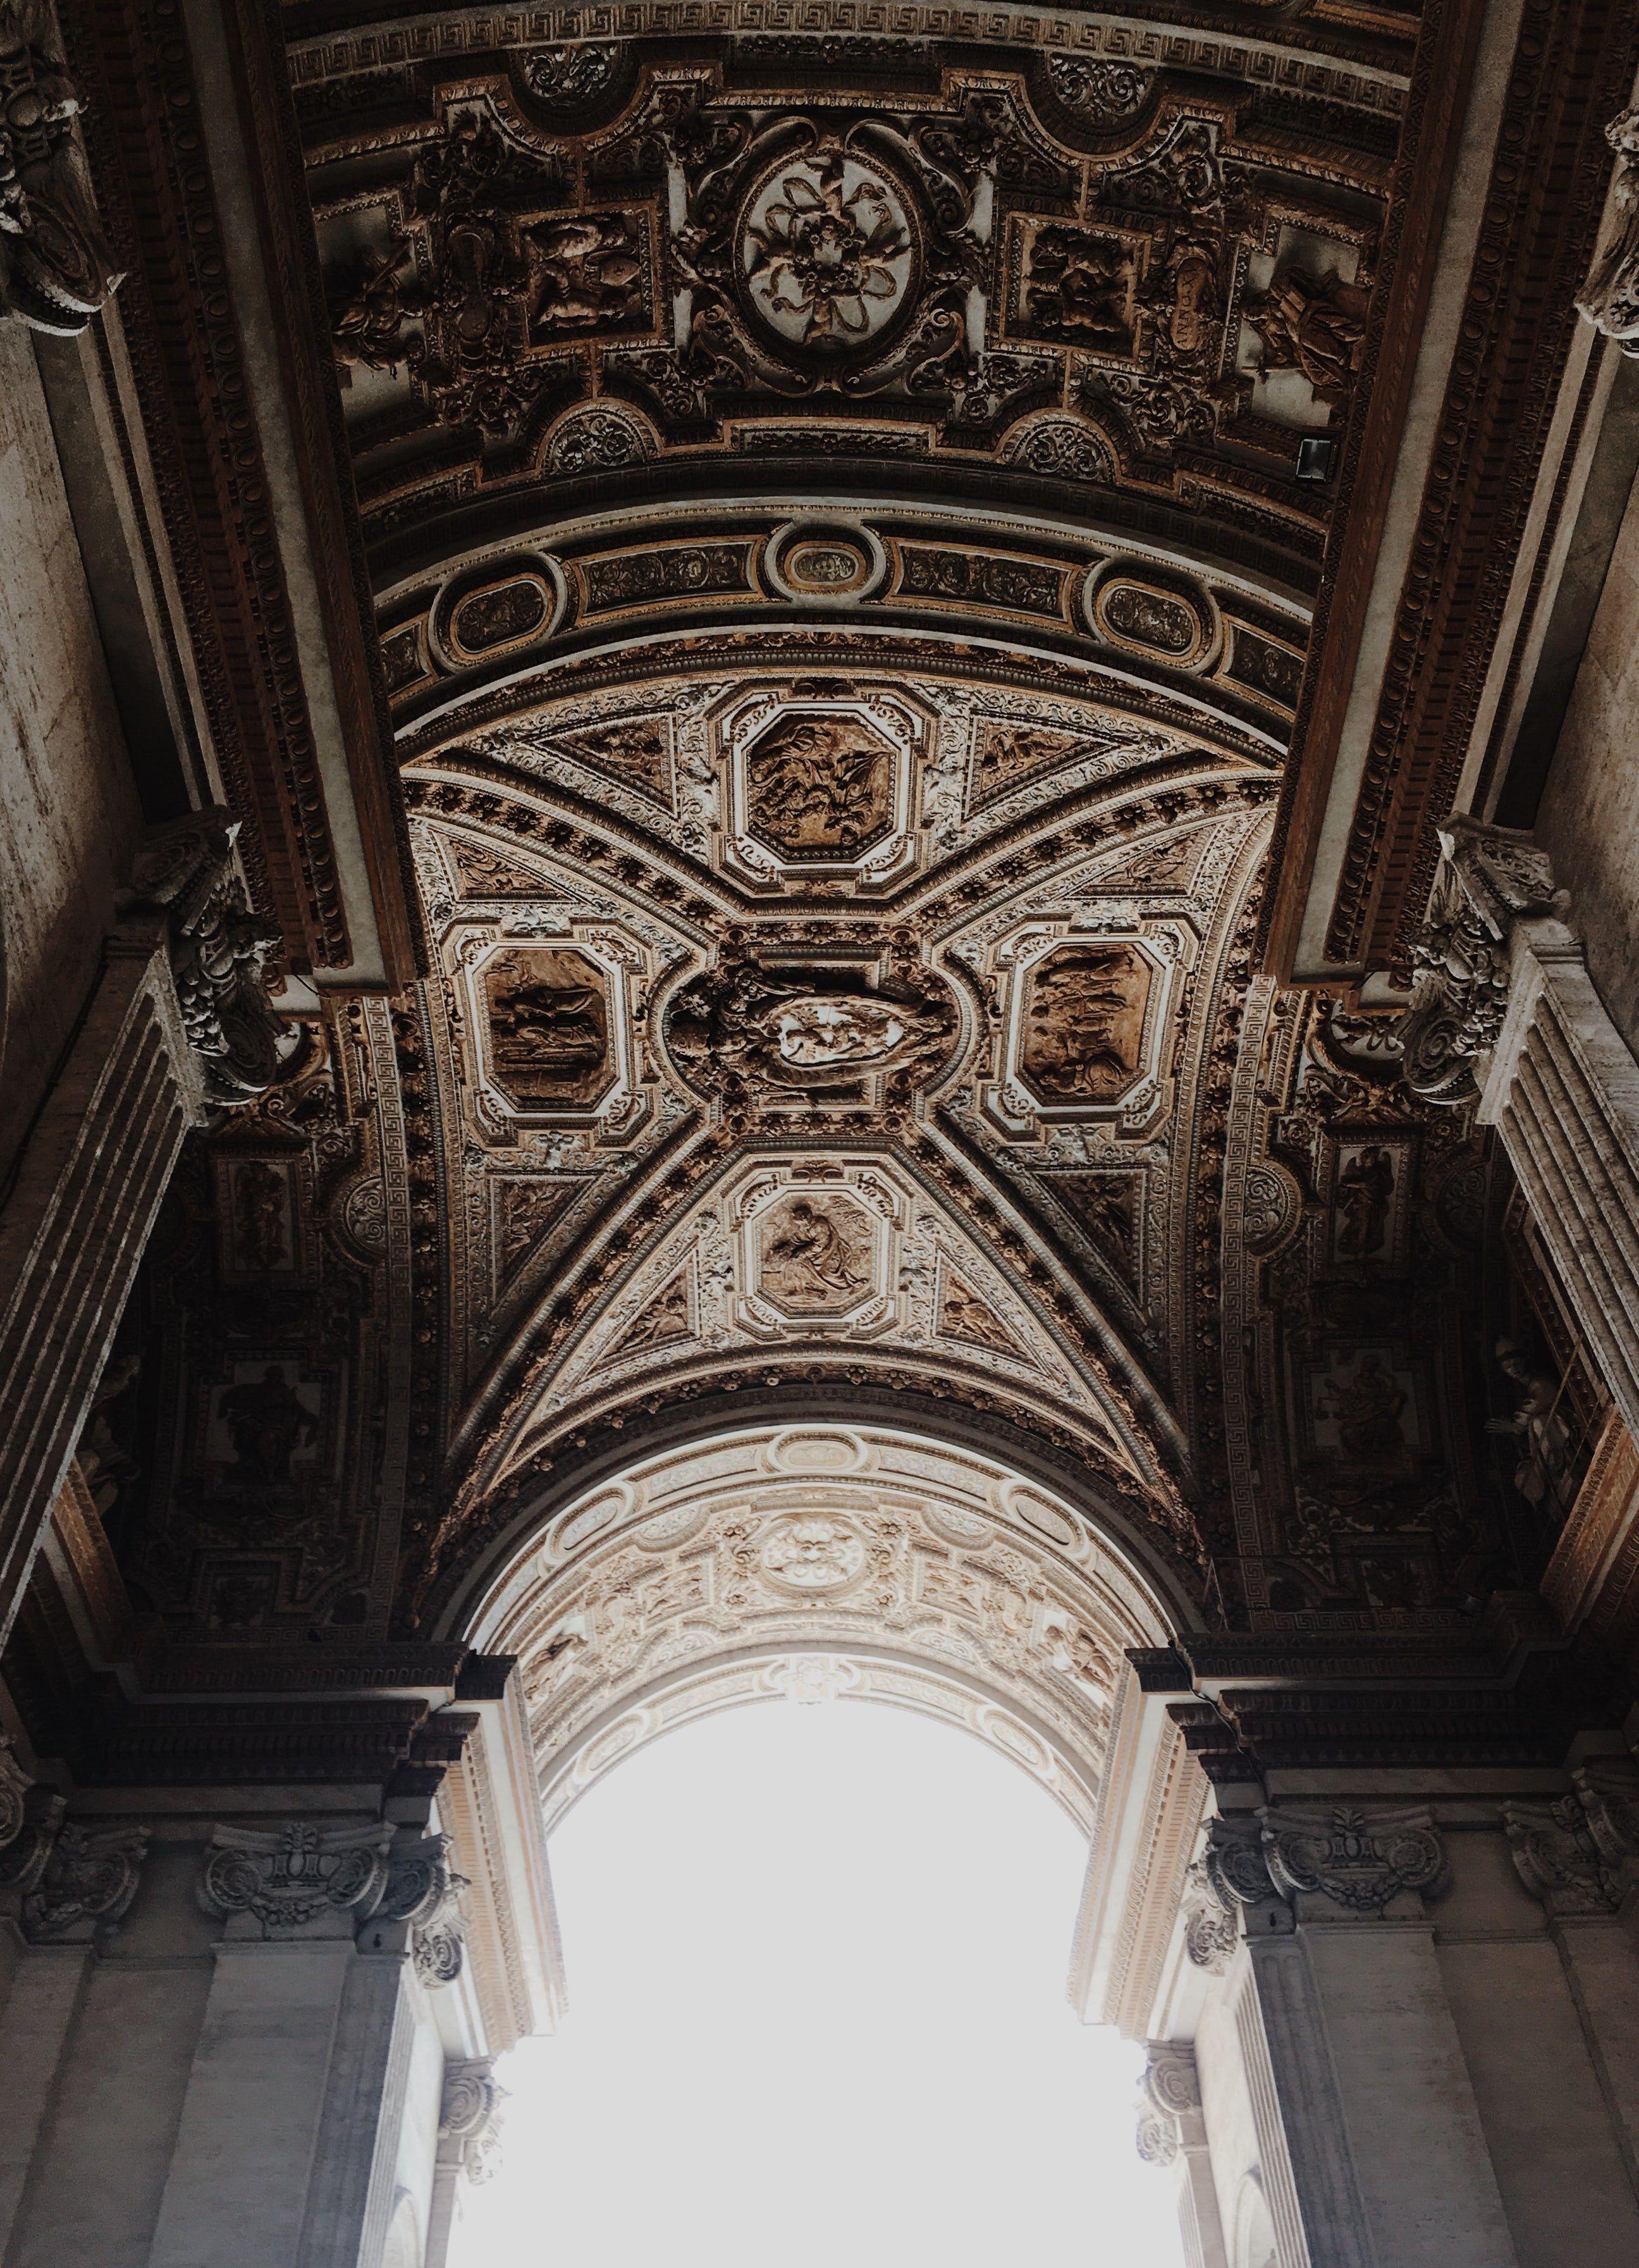 St. Peter's Basilica, Città Del Vaticano, Vatican City